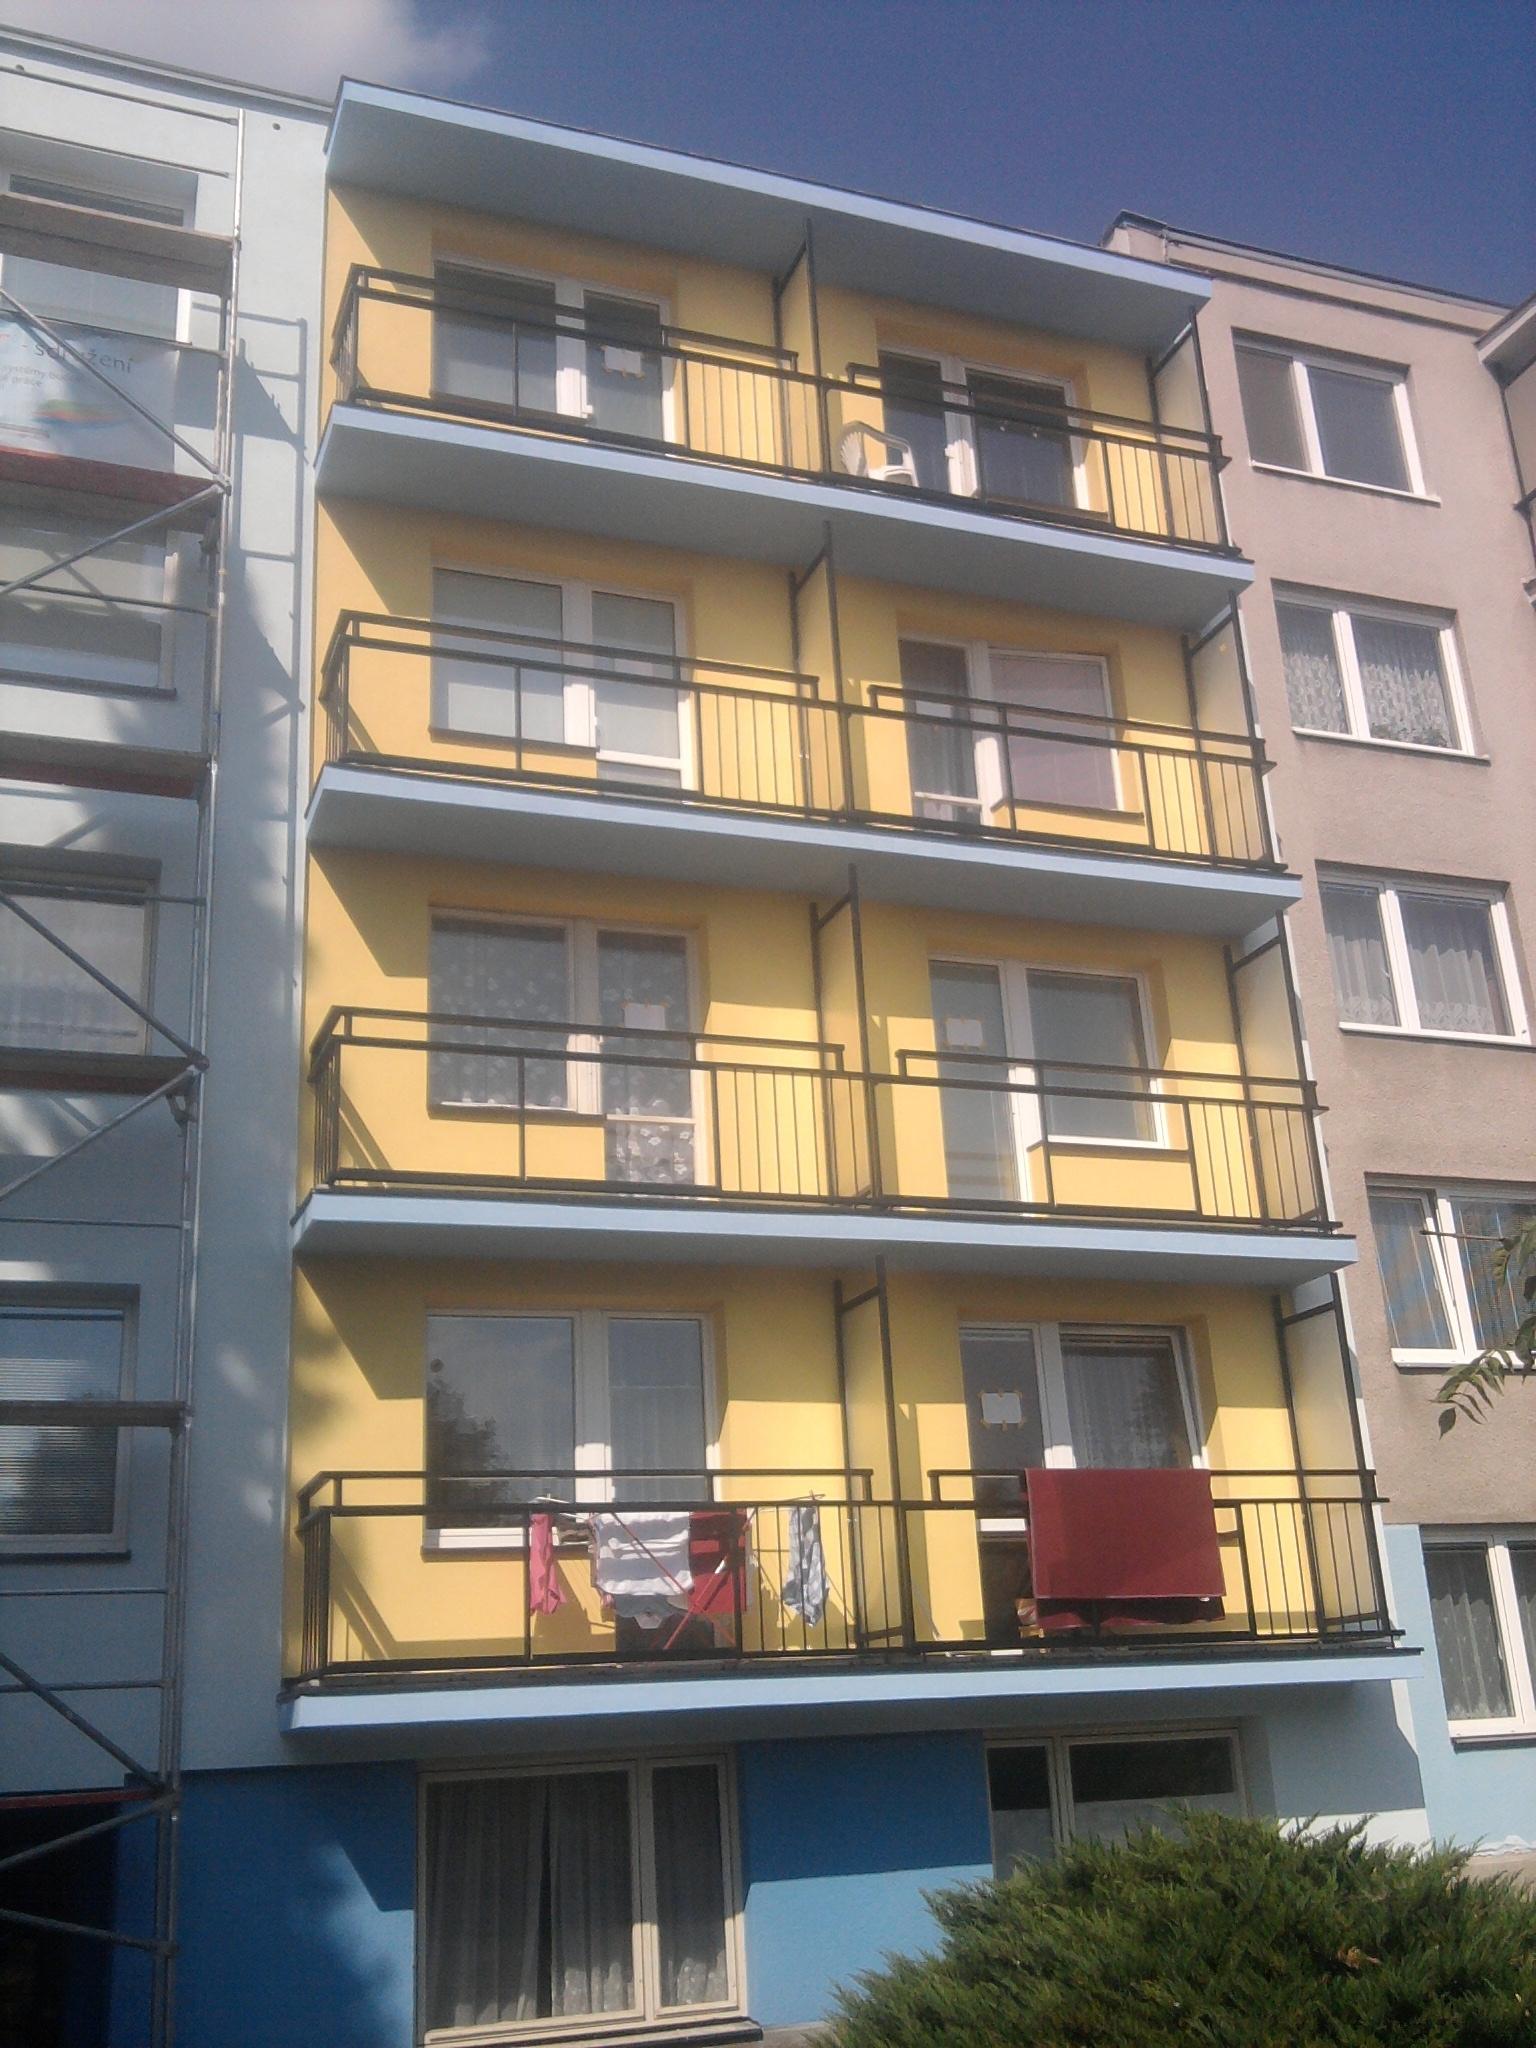 balkony potom